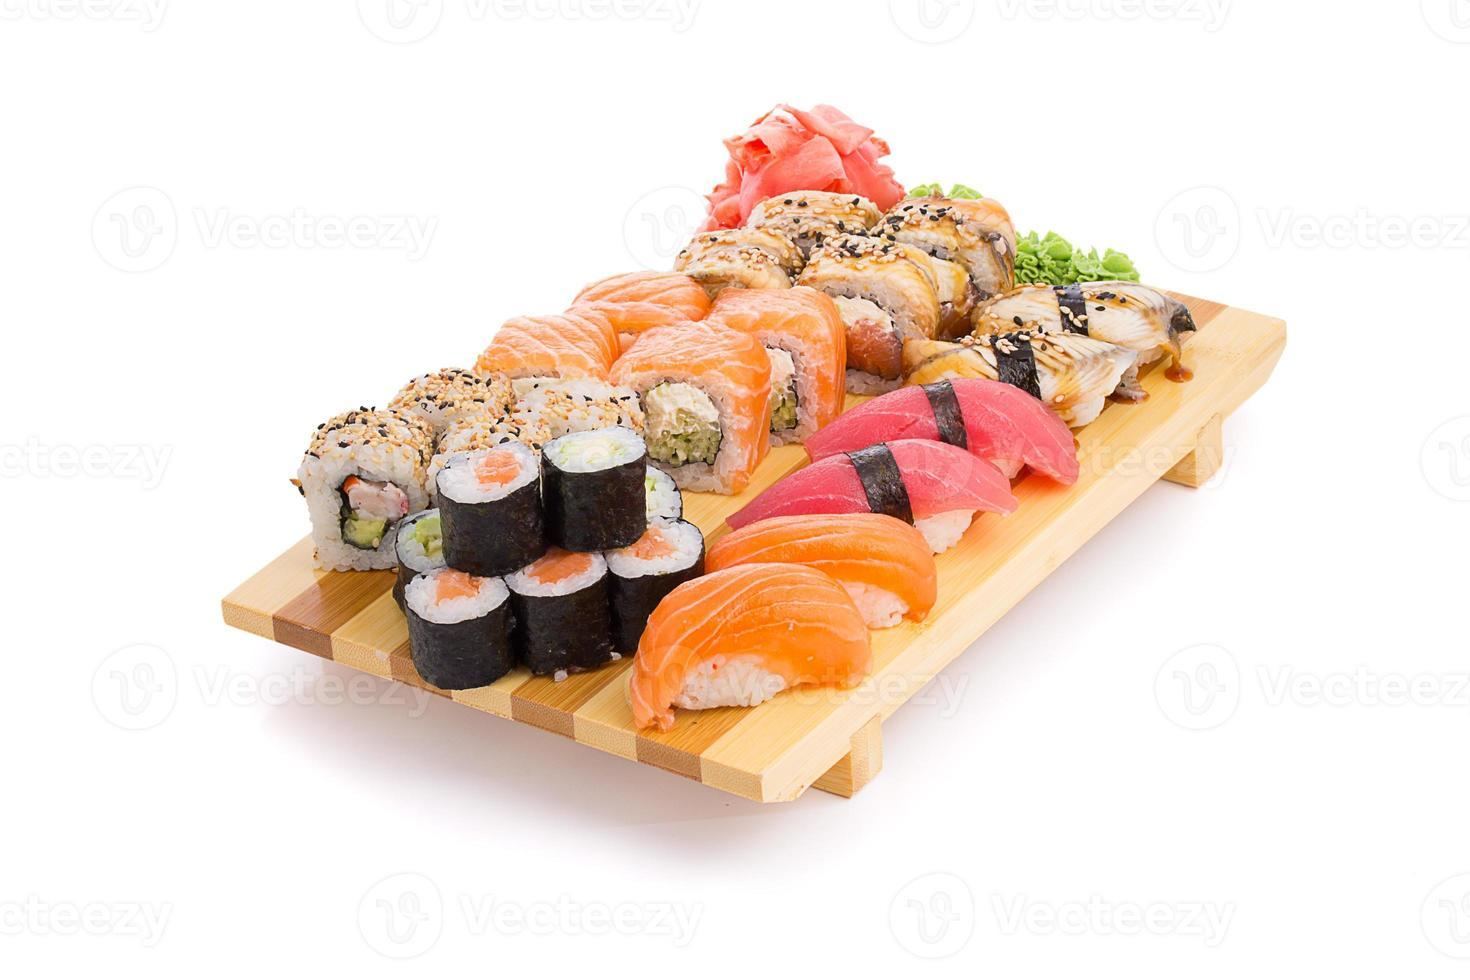 sushi die op een gete worden geplaatst die op witte achtergrond wordt geïsoleerd foto